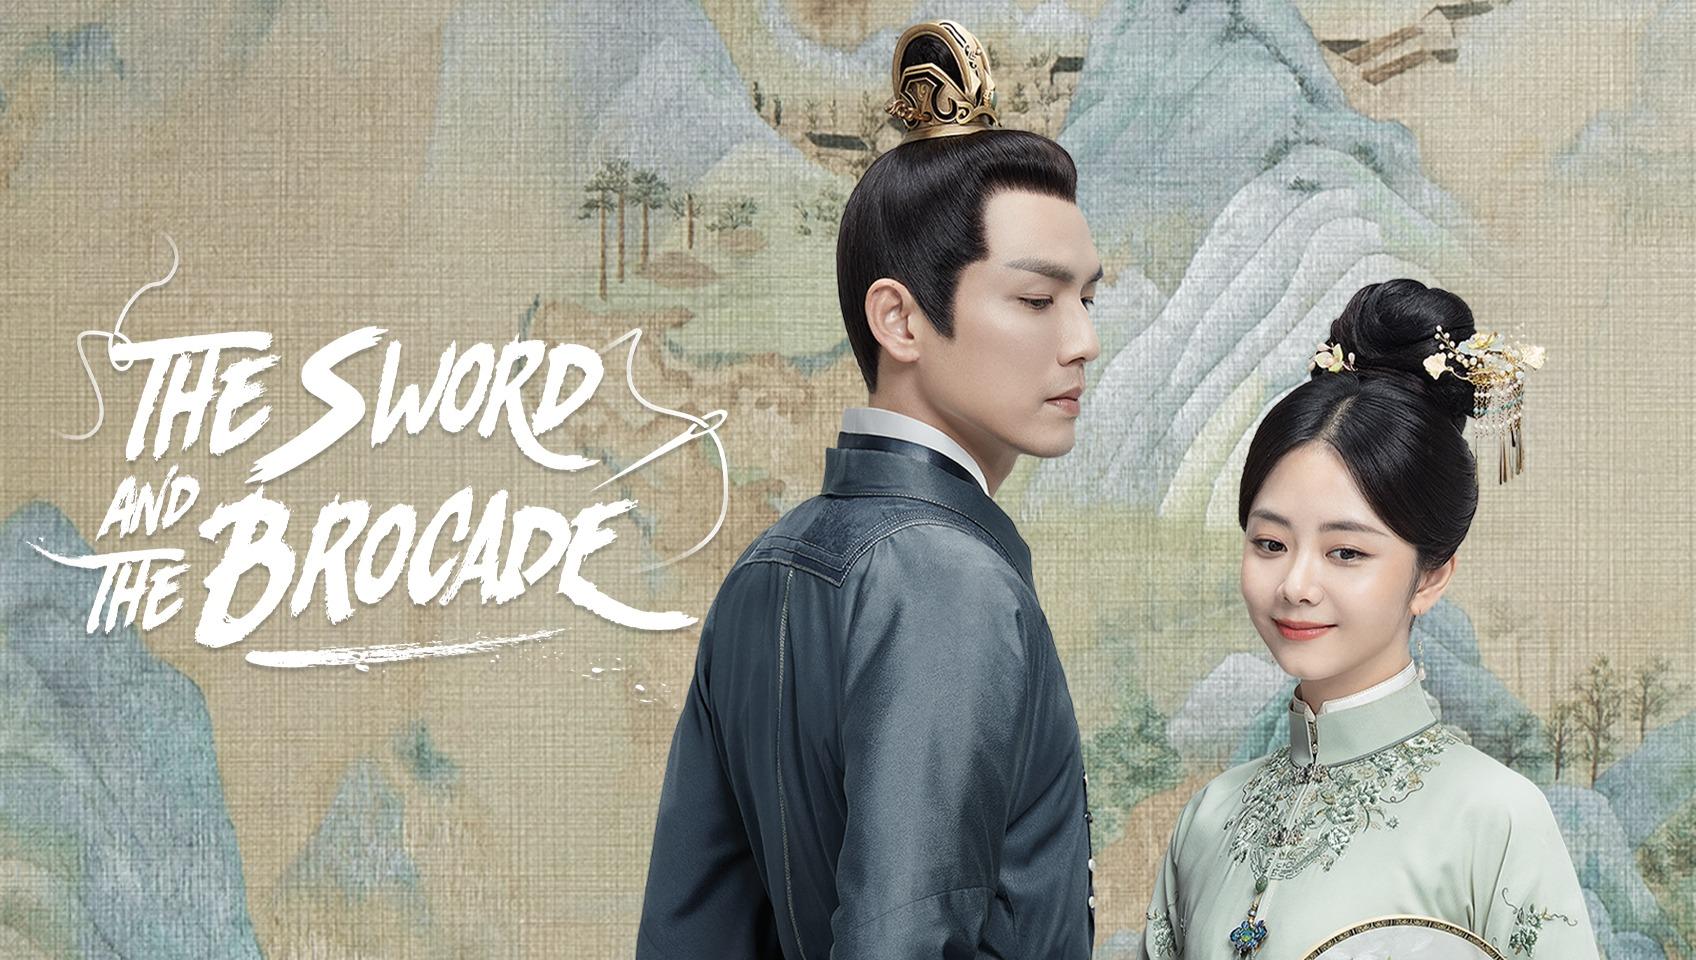 รีวิวซีรีส์จีน ร้อยรักปักดวงใจ :The Sword and the Brocade